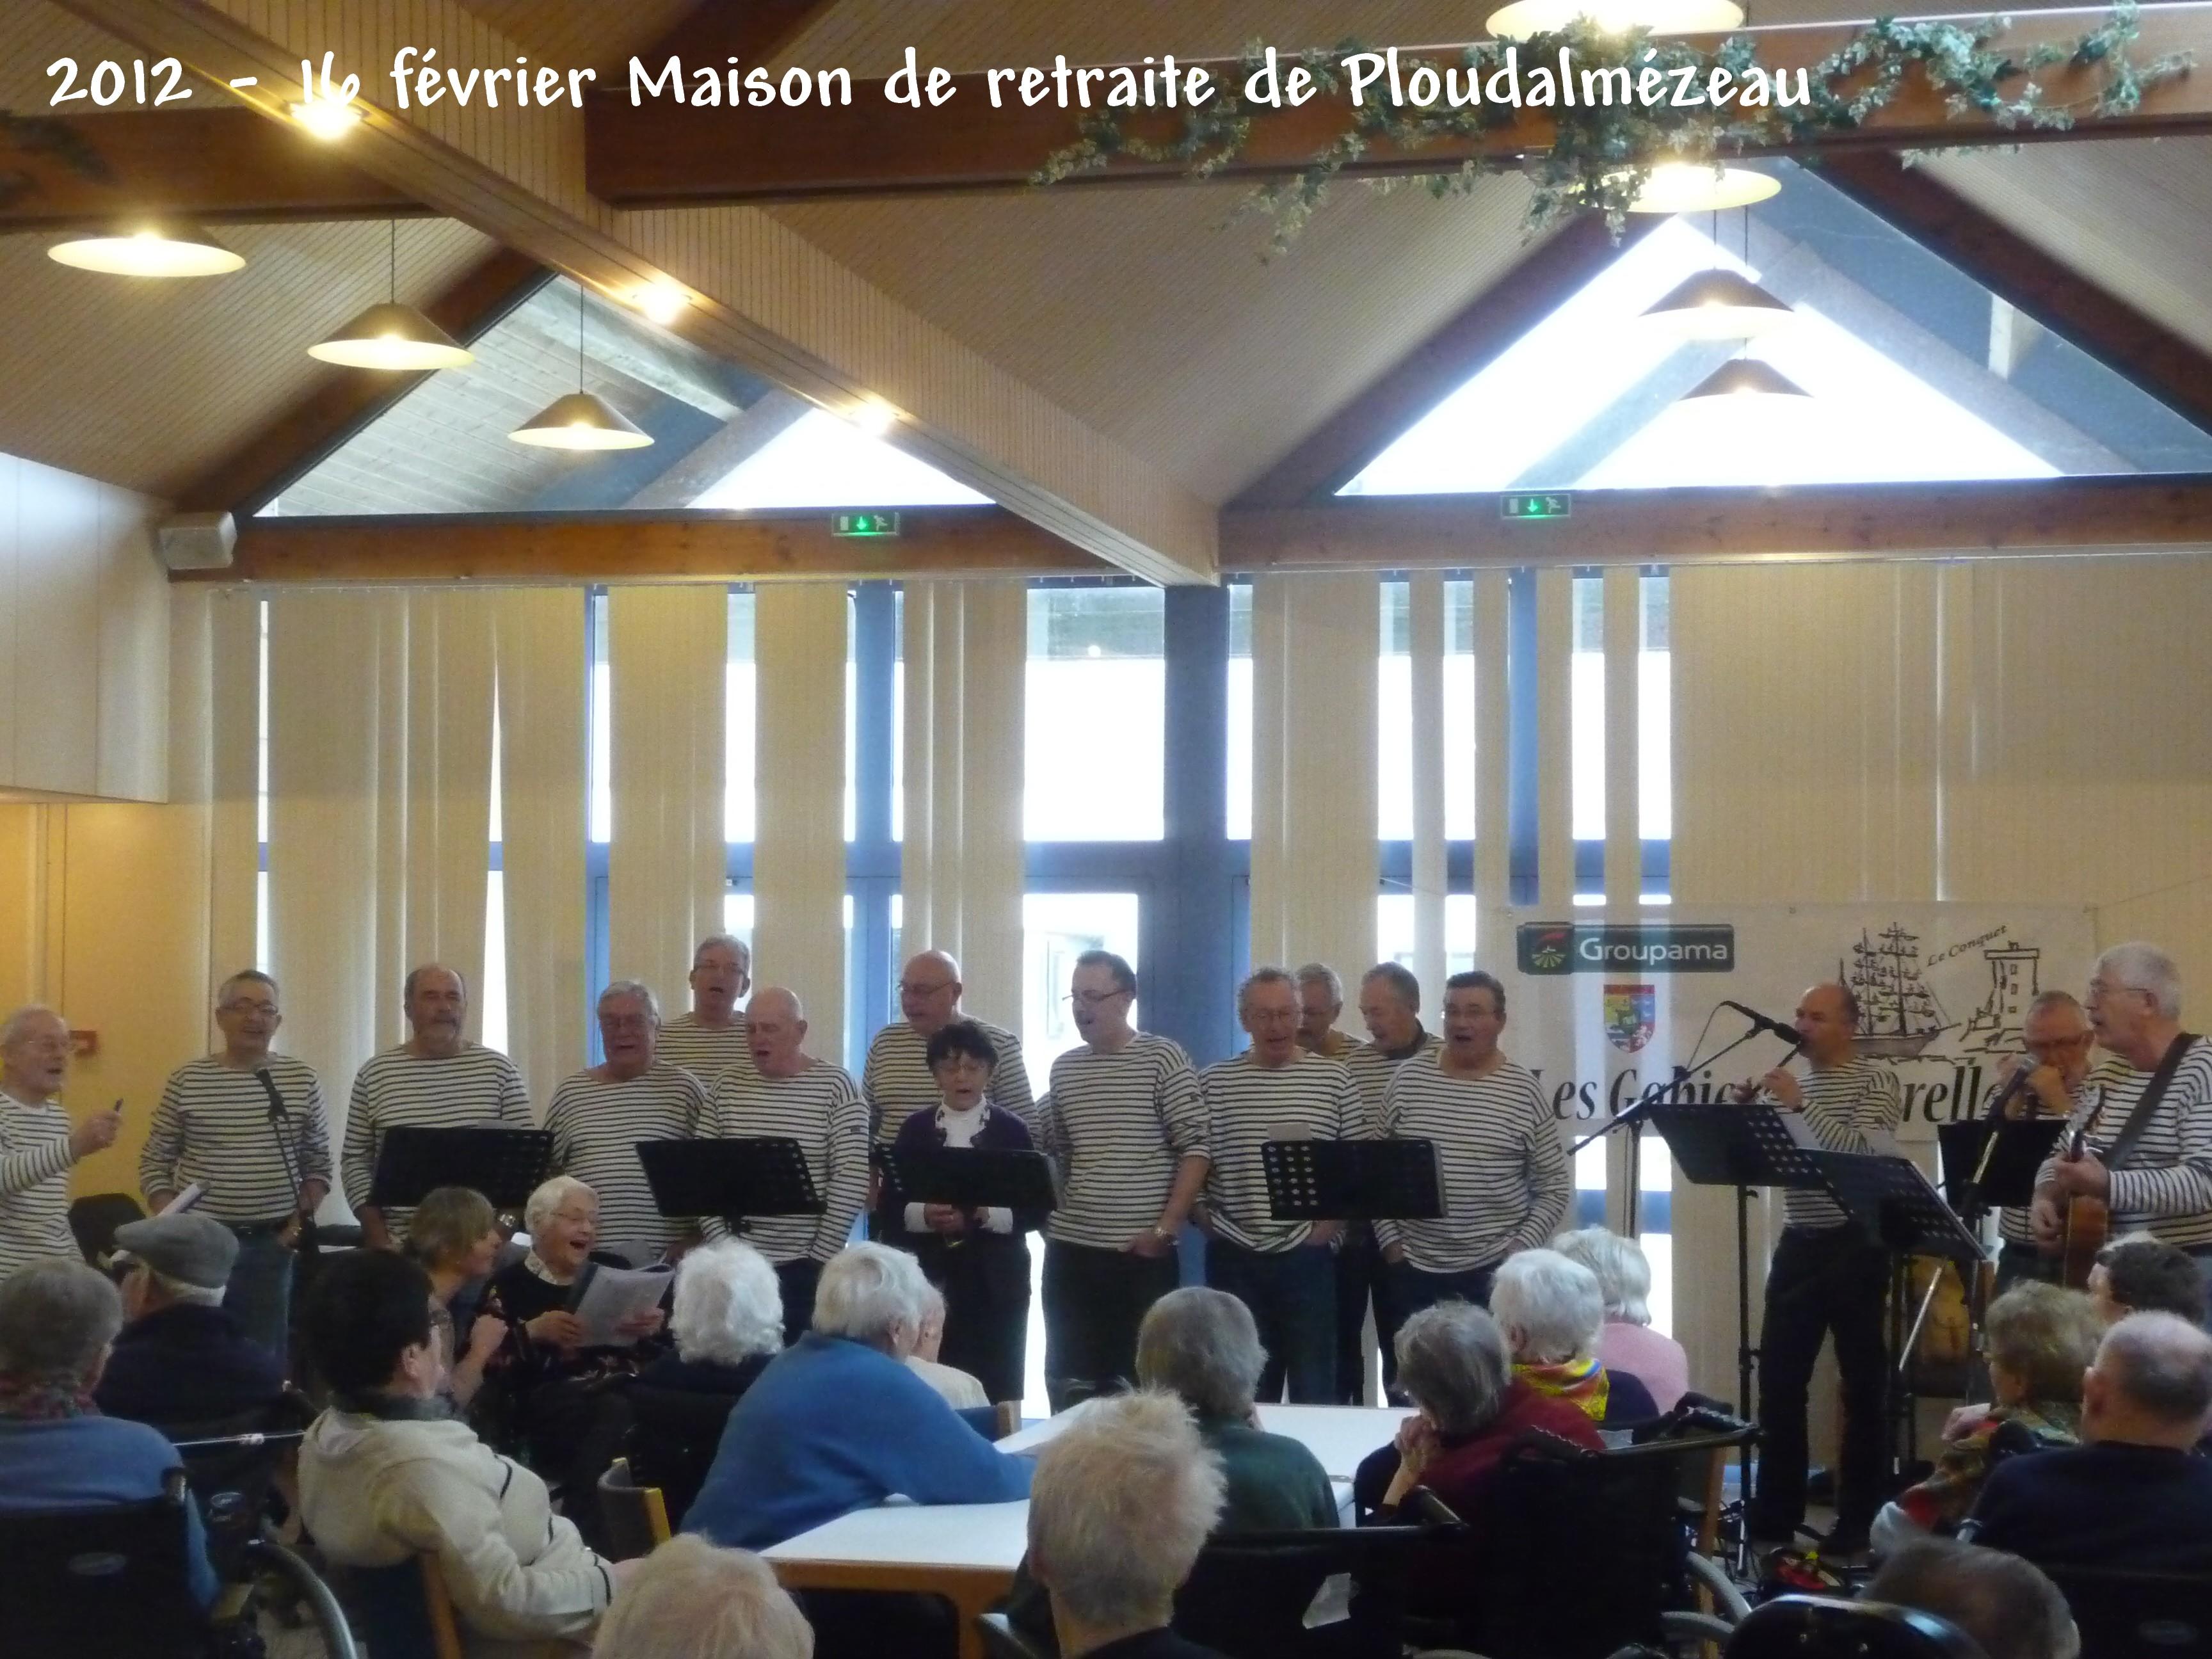 5- Maison de retraite de Ploudalmézeau.JPG